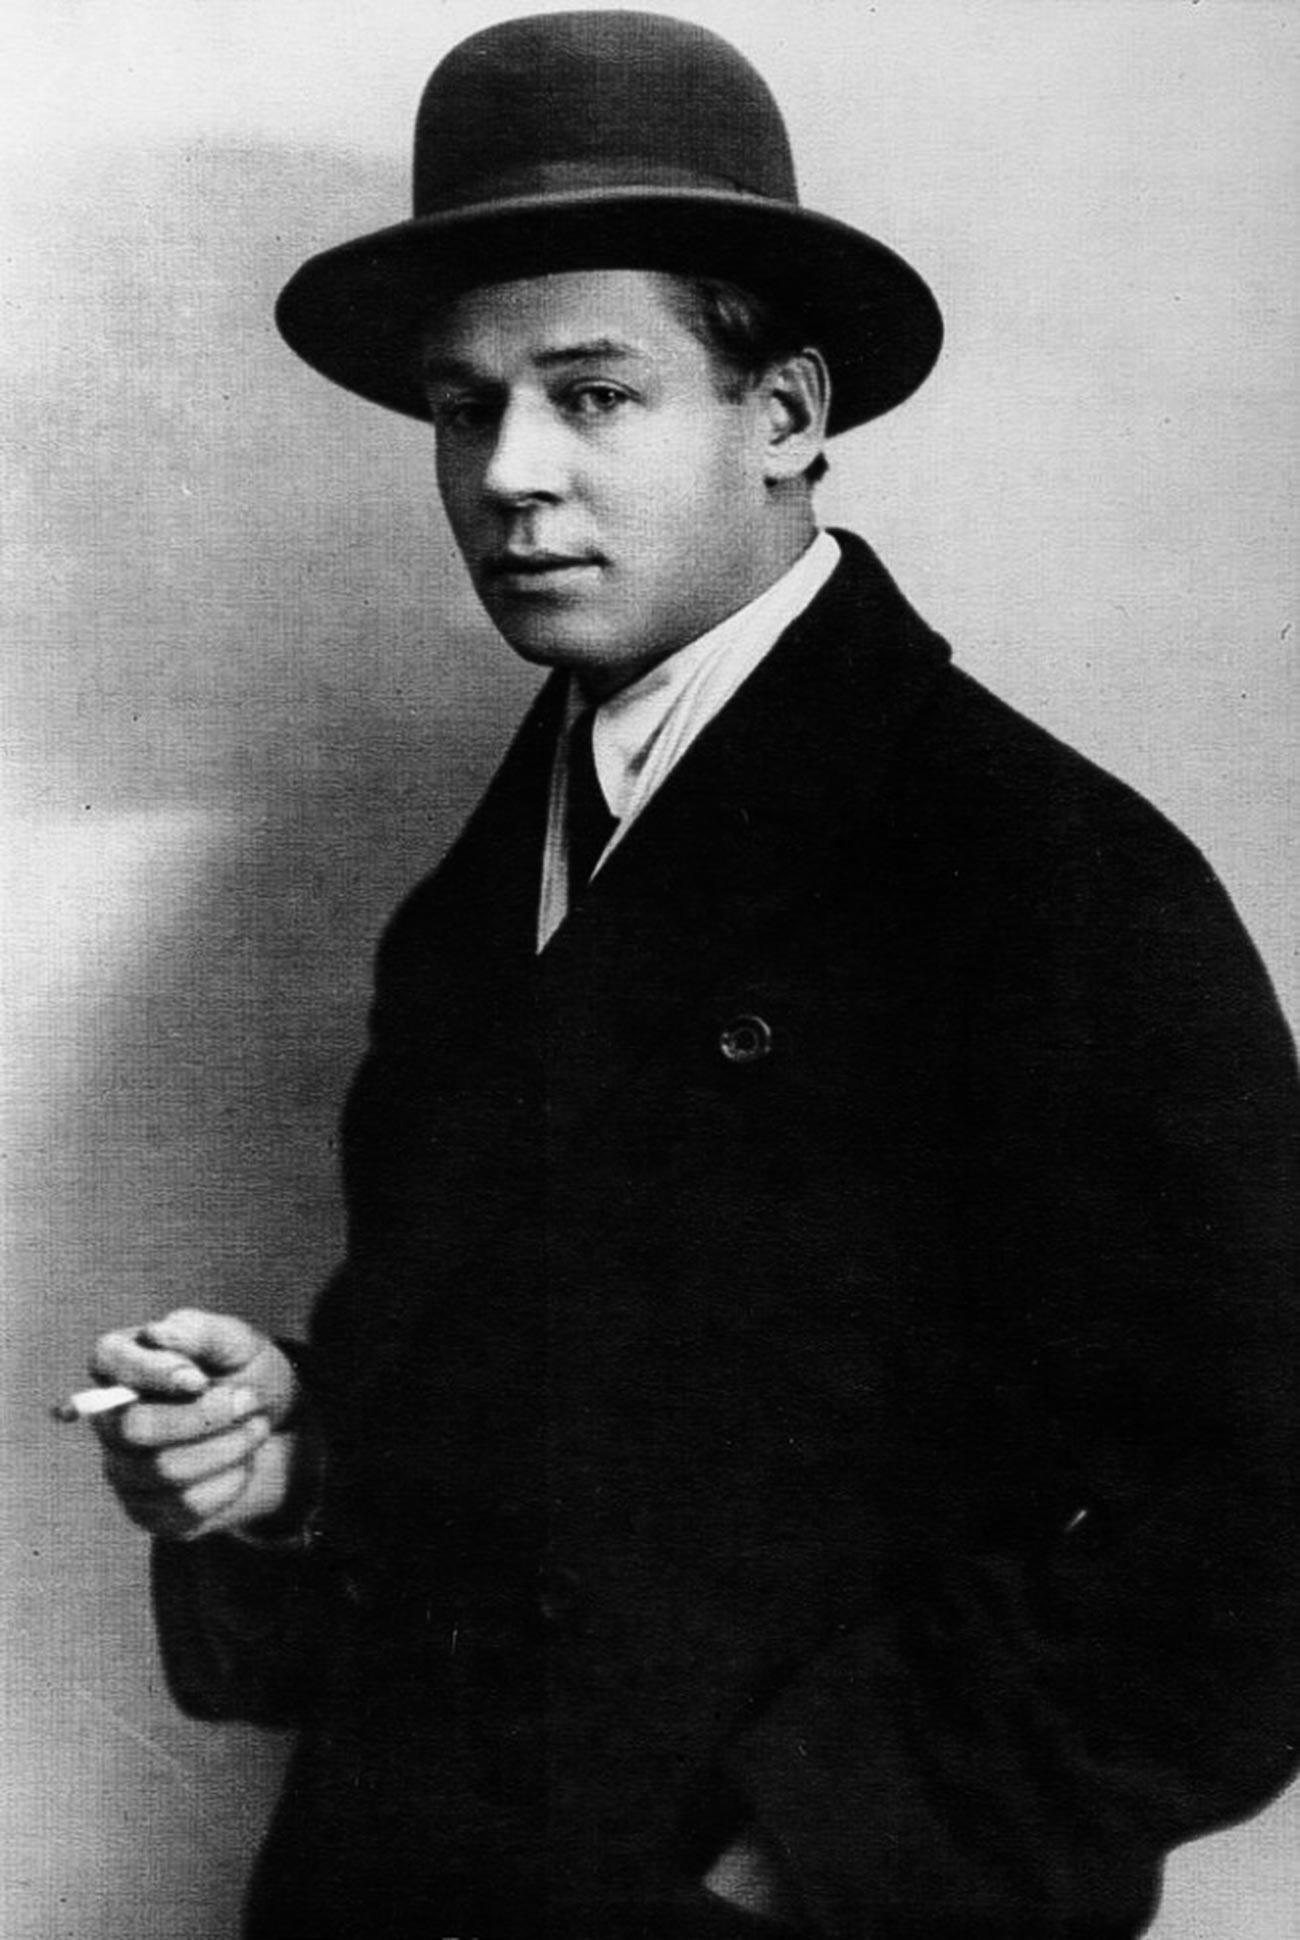 Silver age poet Sergei Yesenin, 1910s